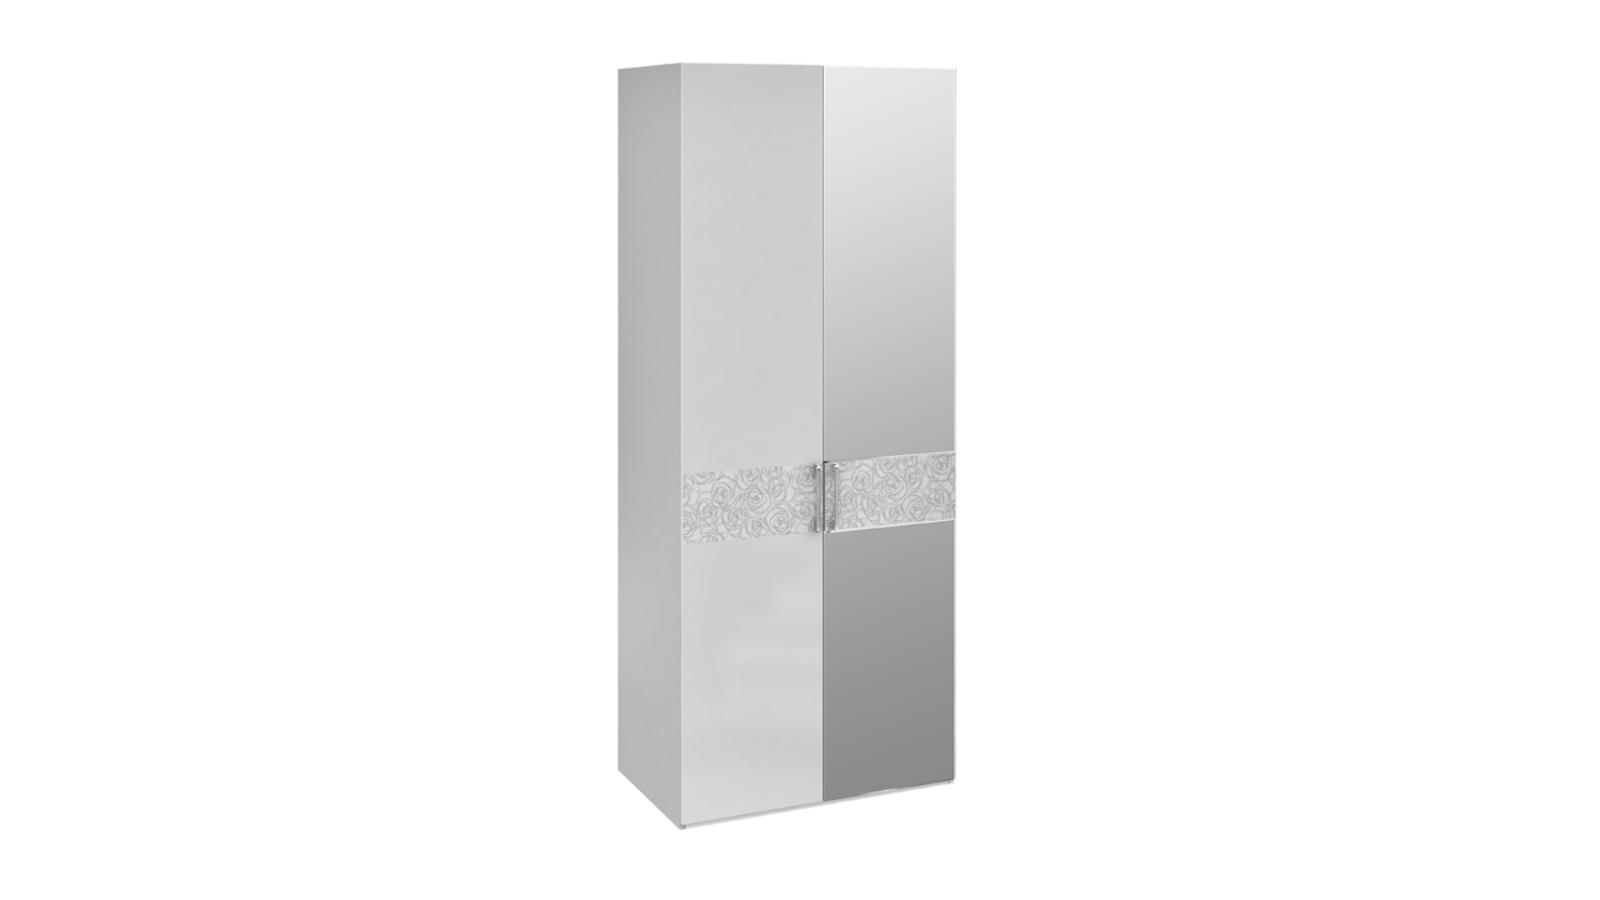 Амели шкаф для одежды с 1-й глухой и 1-й зеркальной дверями .